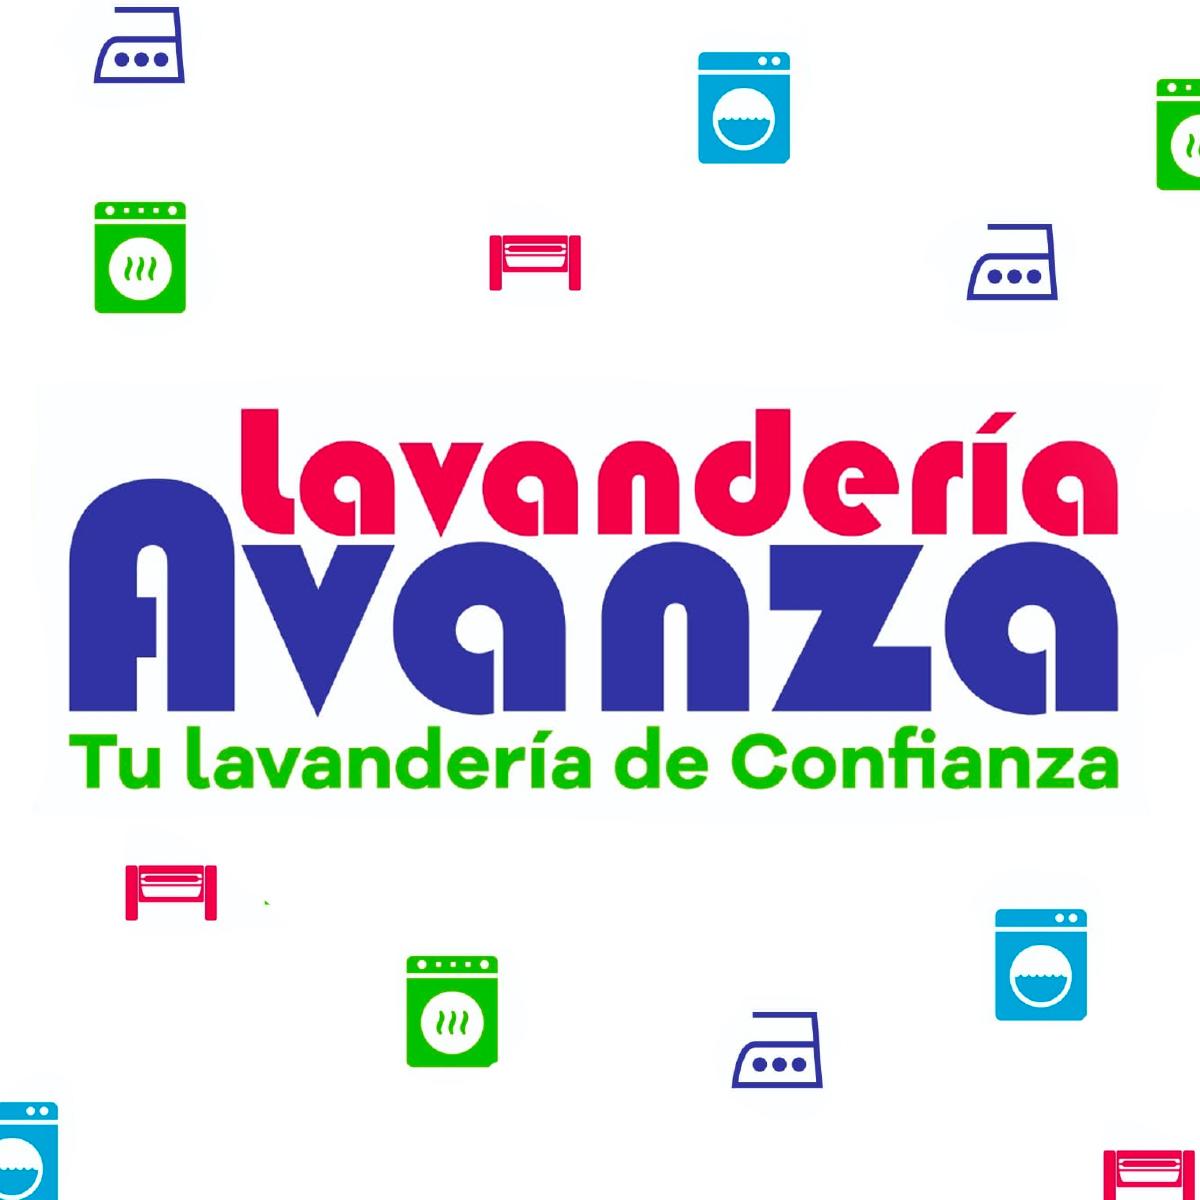 Lavanderia Avanza